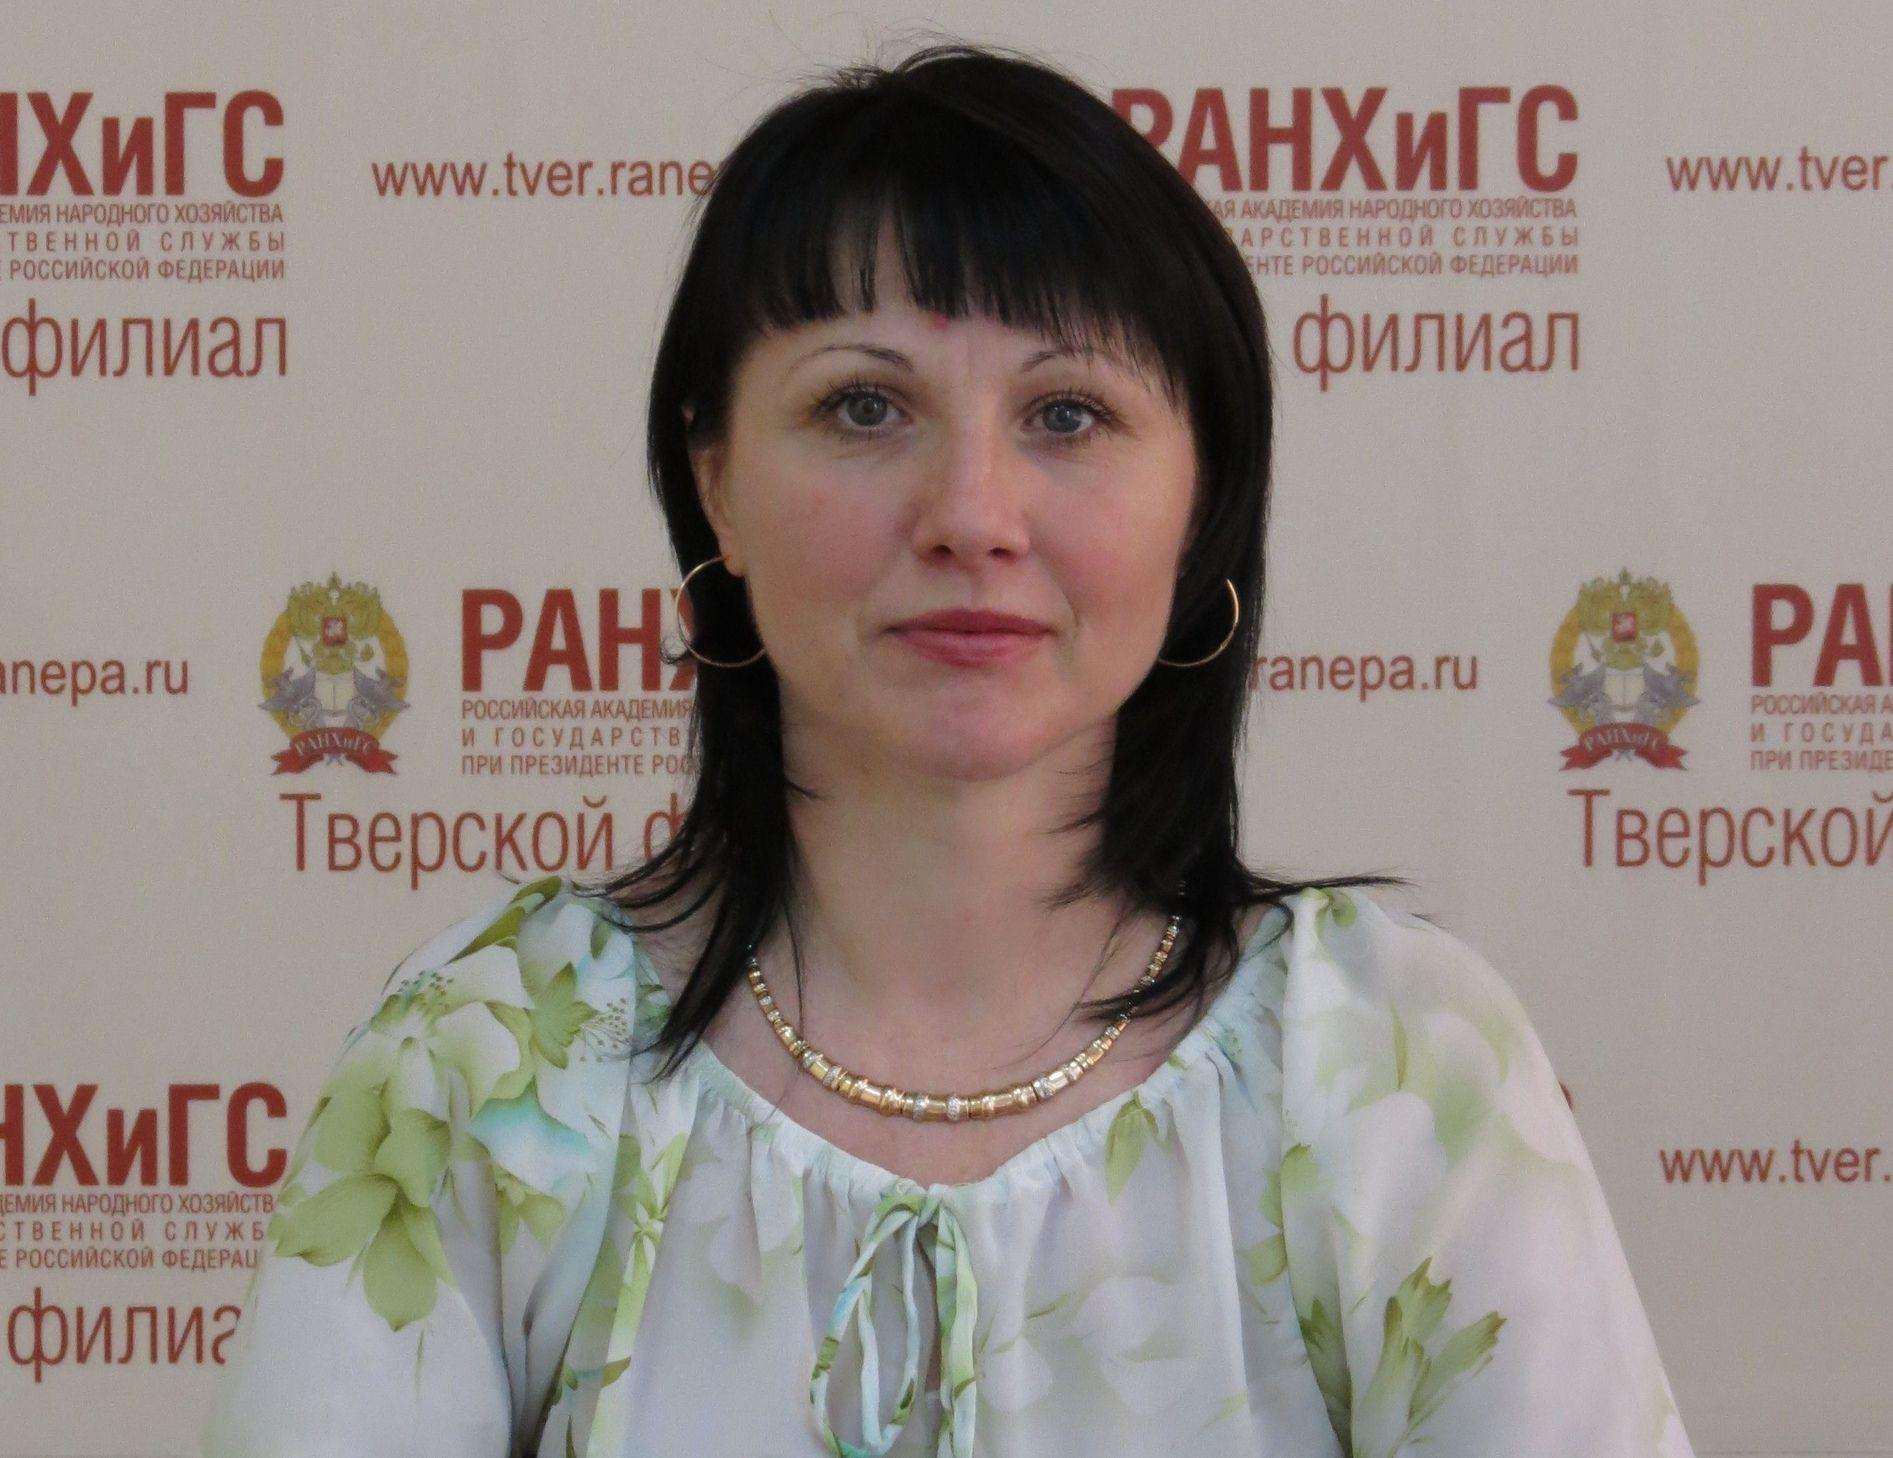 Нелли Орлова: Тверской регион по весу своего демографического пакета обогнал почти все субъекты РФ